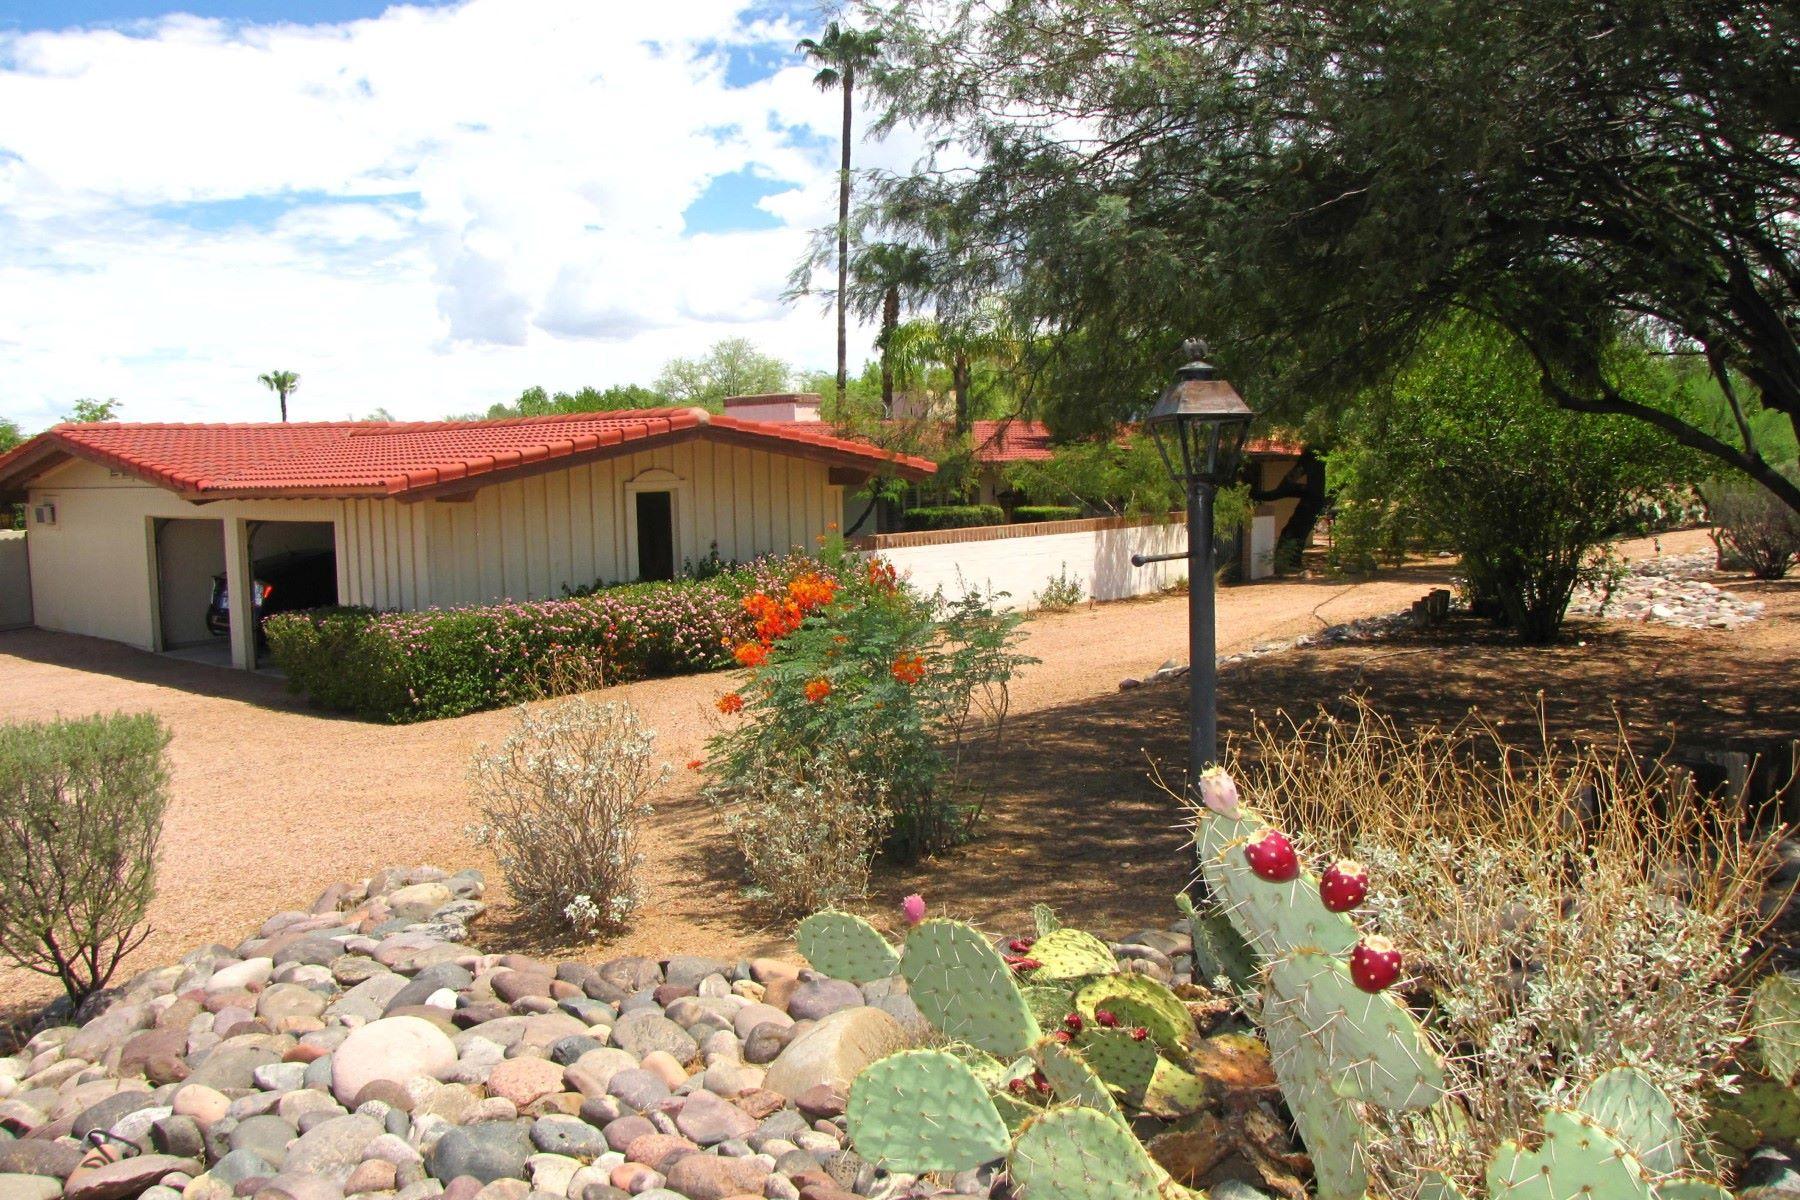 Maison unifamiliale pour l Vente à Beautiful Paradise Valley home with views 5430 E Royal Palm Rd Paradise Valley, Arizona, 85253 États-Unis